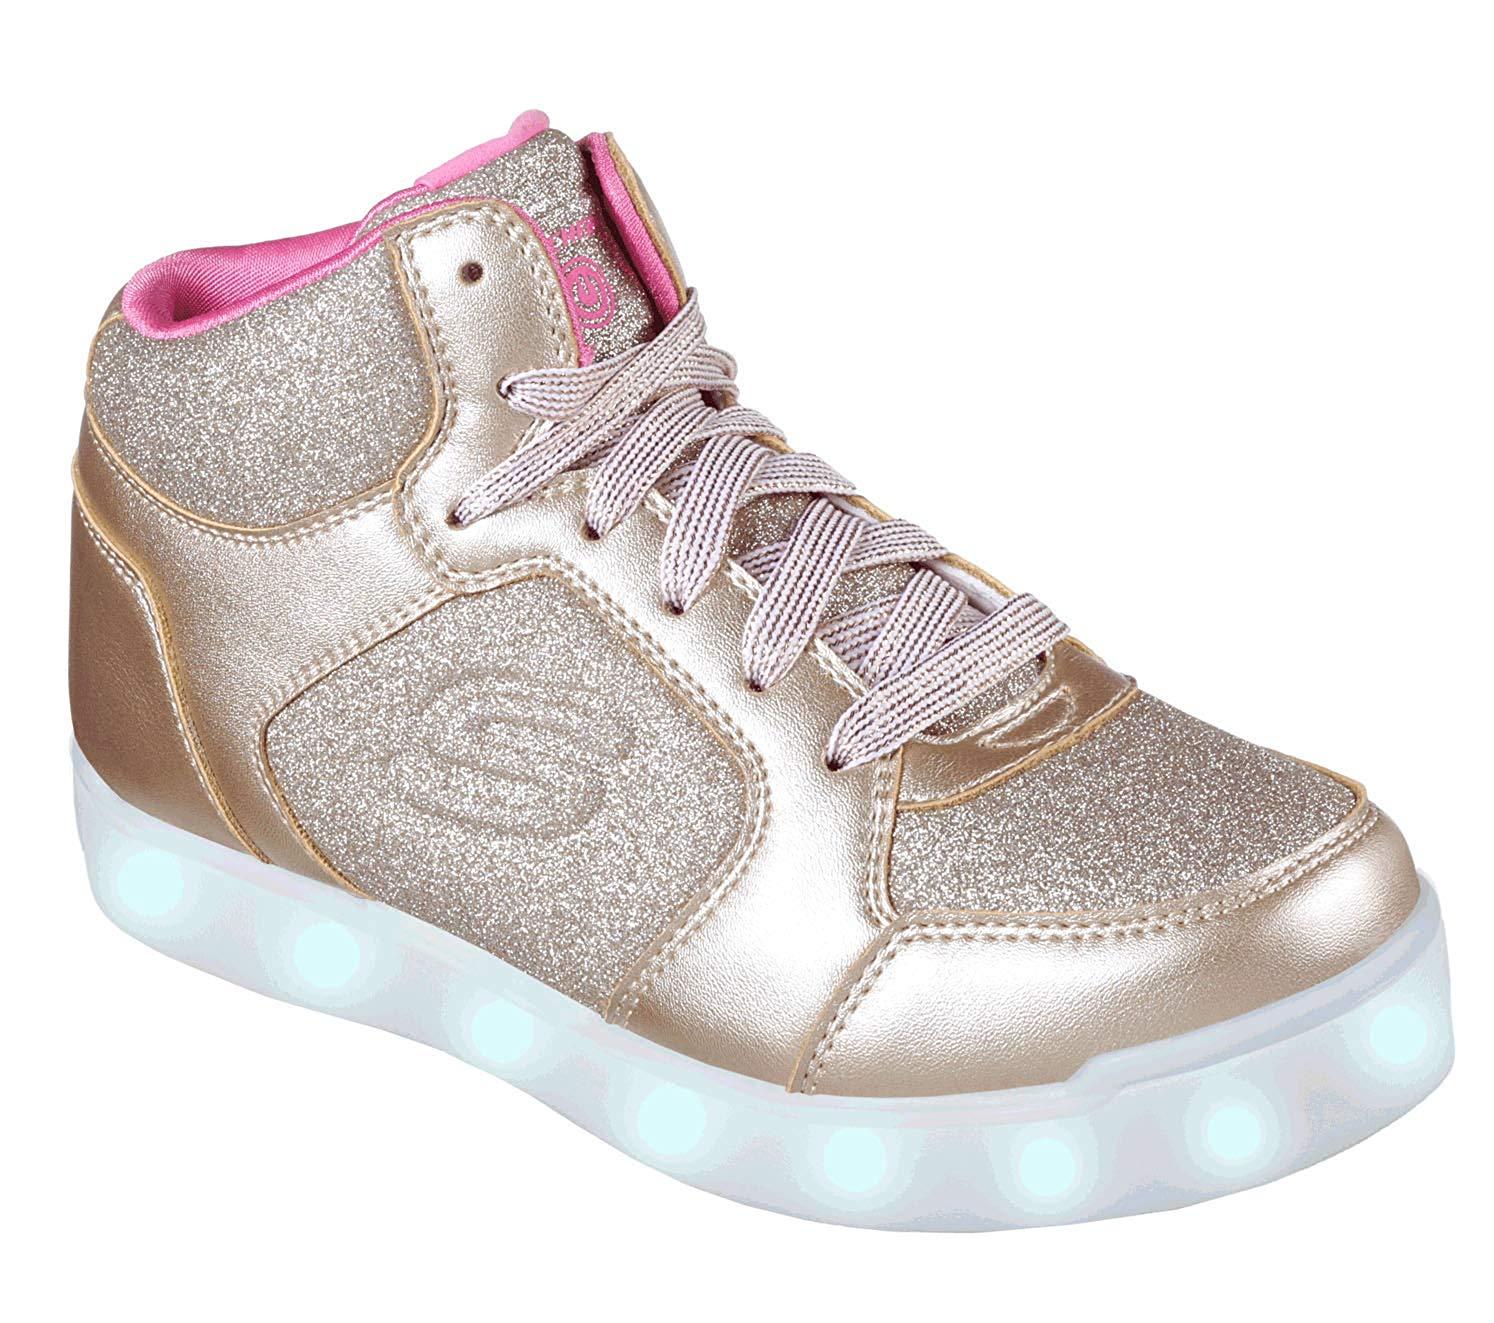 Skechers Kids' E-Pro Sneaker, Gold